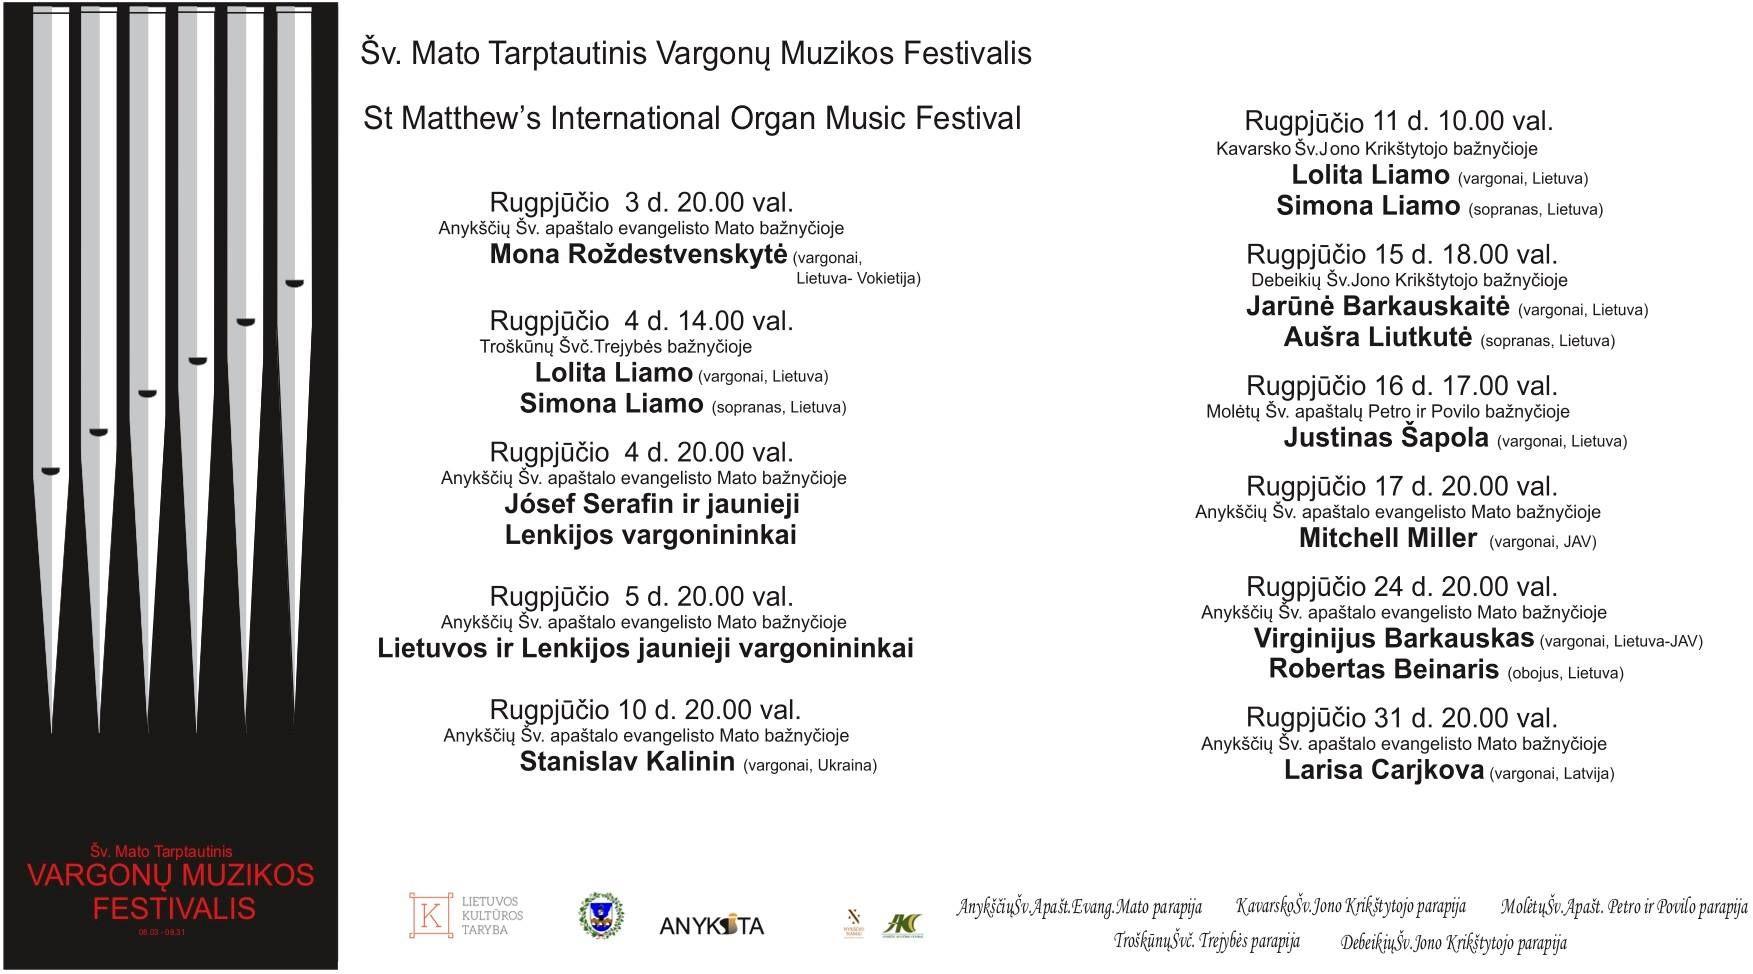 Šv. Mato tarptautinis vargonų muzikos festivalis (2019) / Josef Serafin ir jaunieji Lenkijos vargonininkai